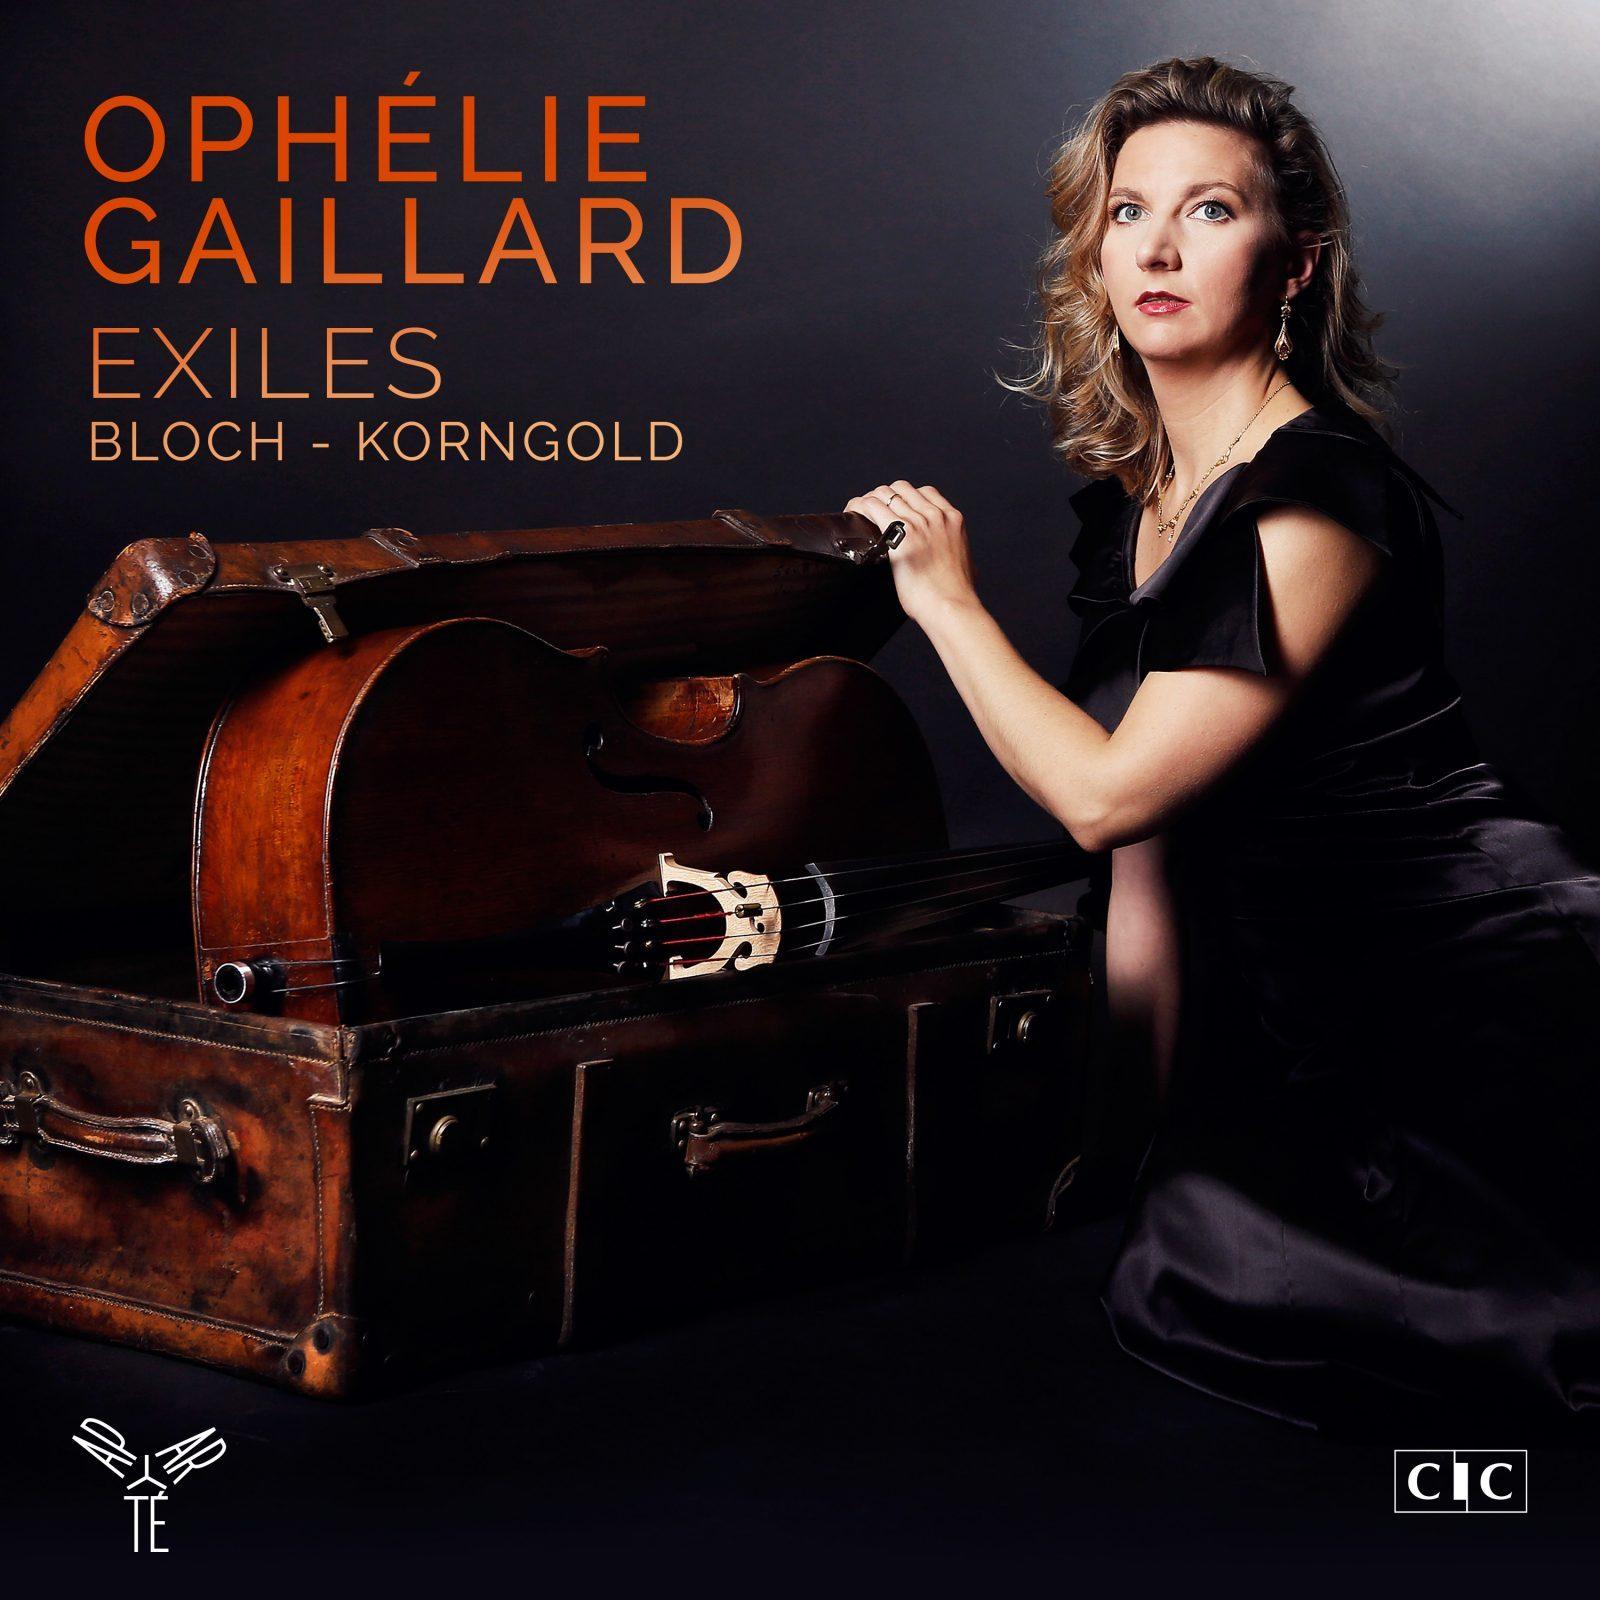 Ophélie Gaillard: Exils